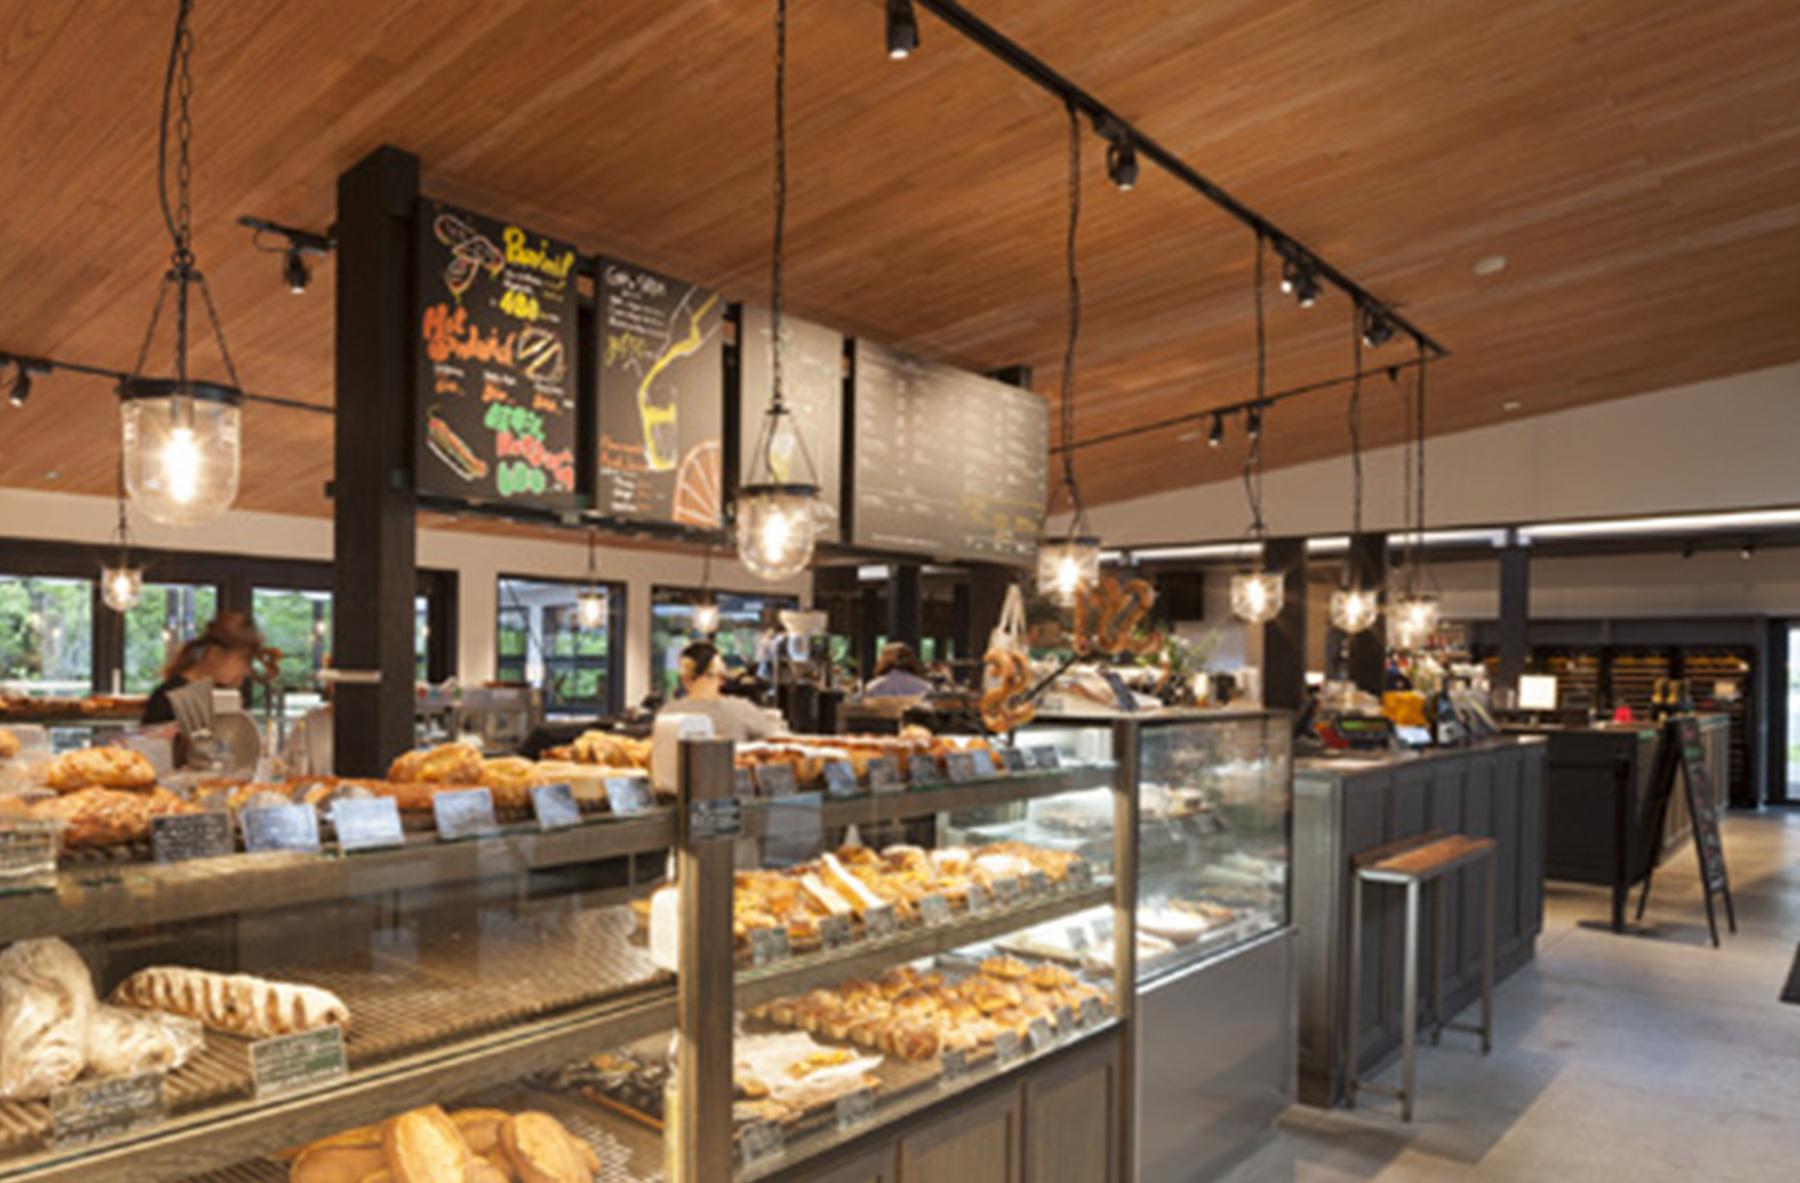 店舗、事務所、倉庫を木造で建てるメリット1:発注者のメリット多い